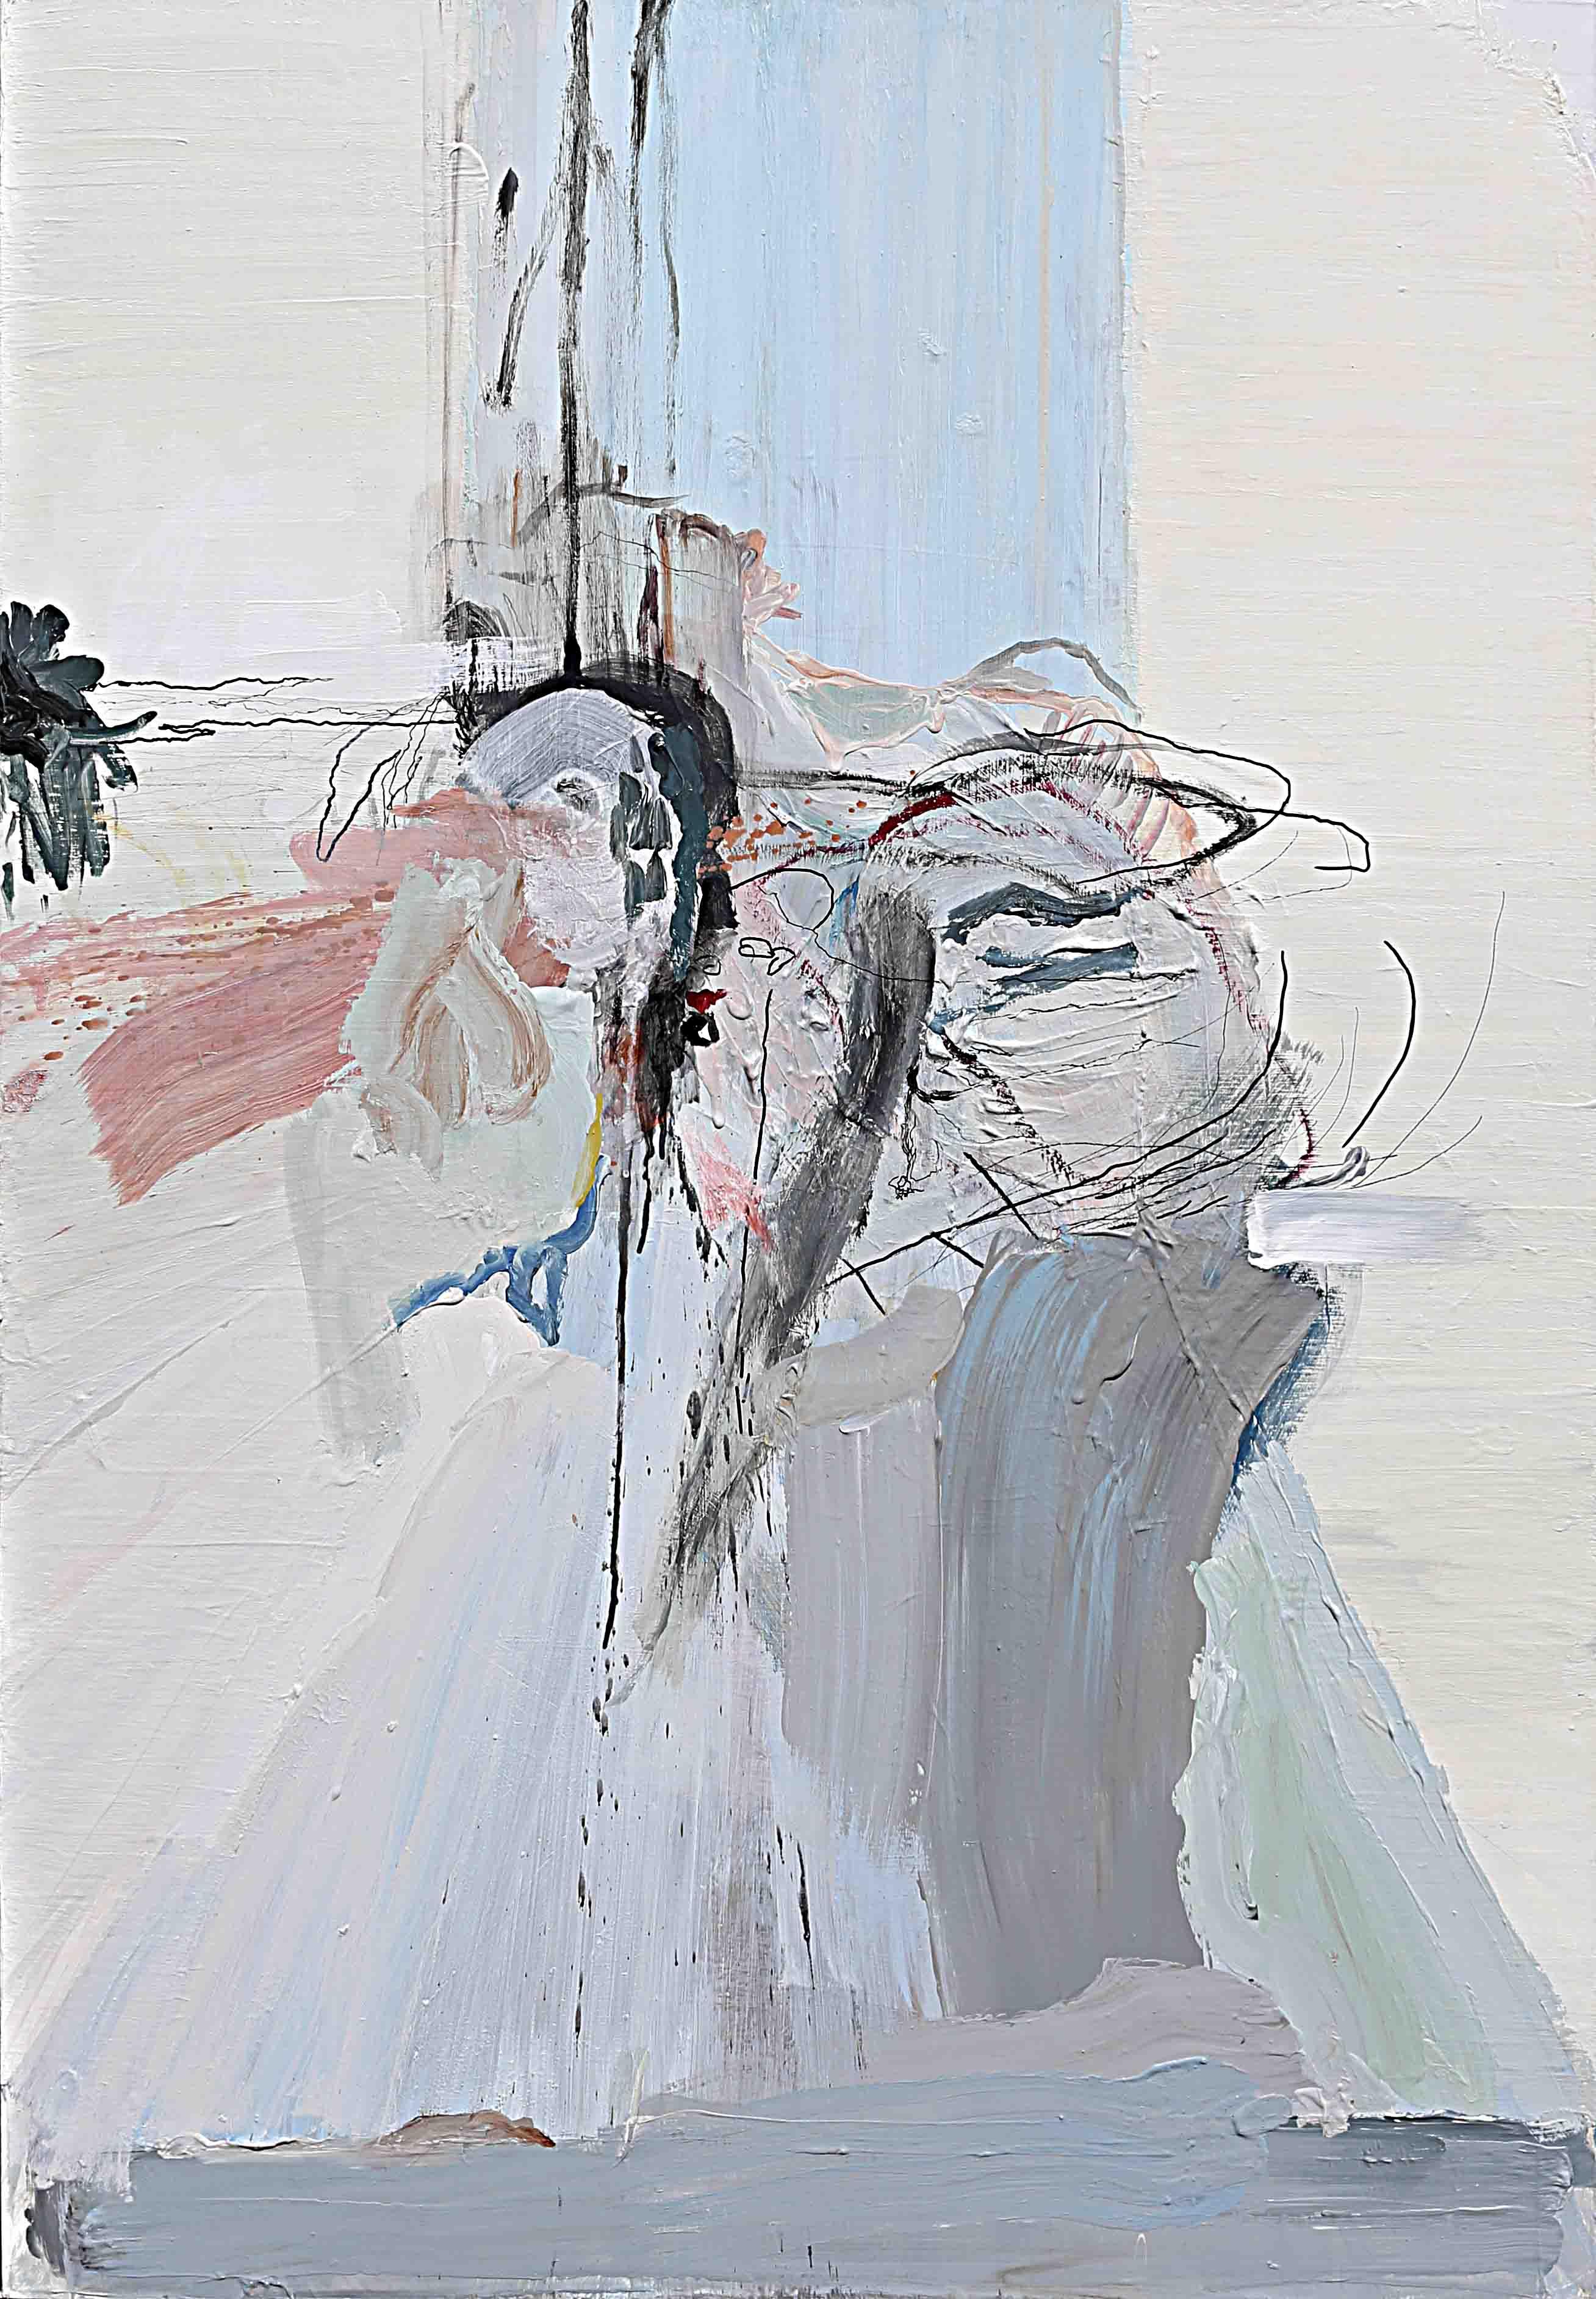 사이공간8, 130.3 x 89.4 cm. pen, acrylic on canvas, 2015